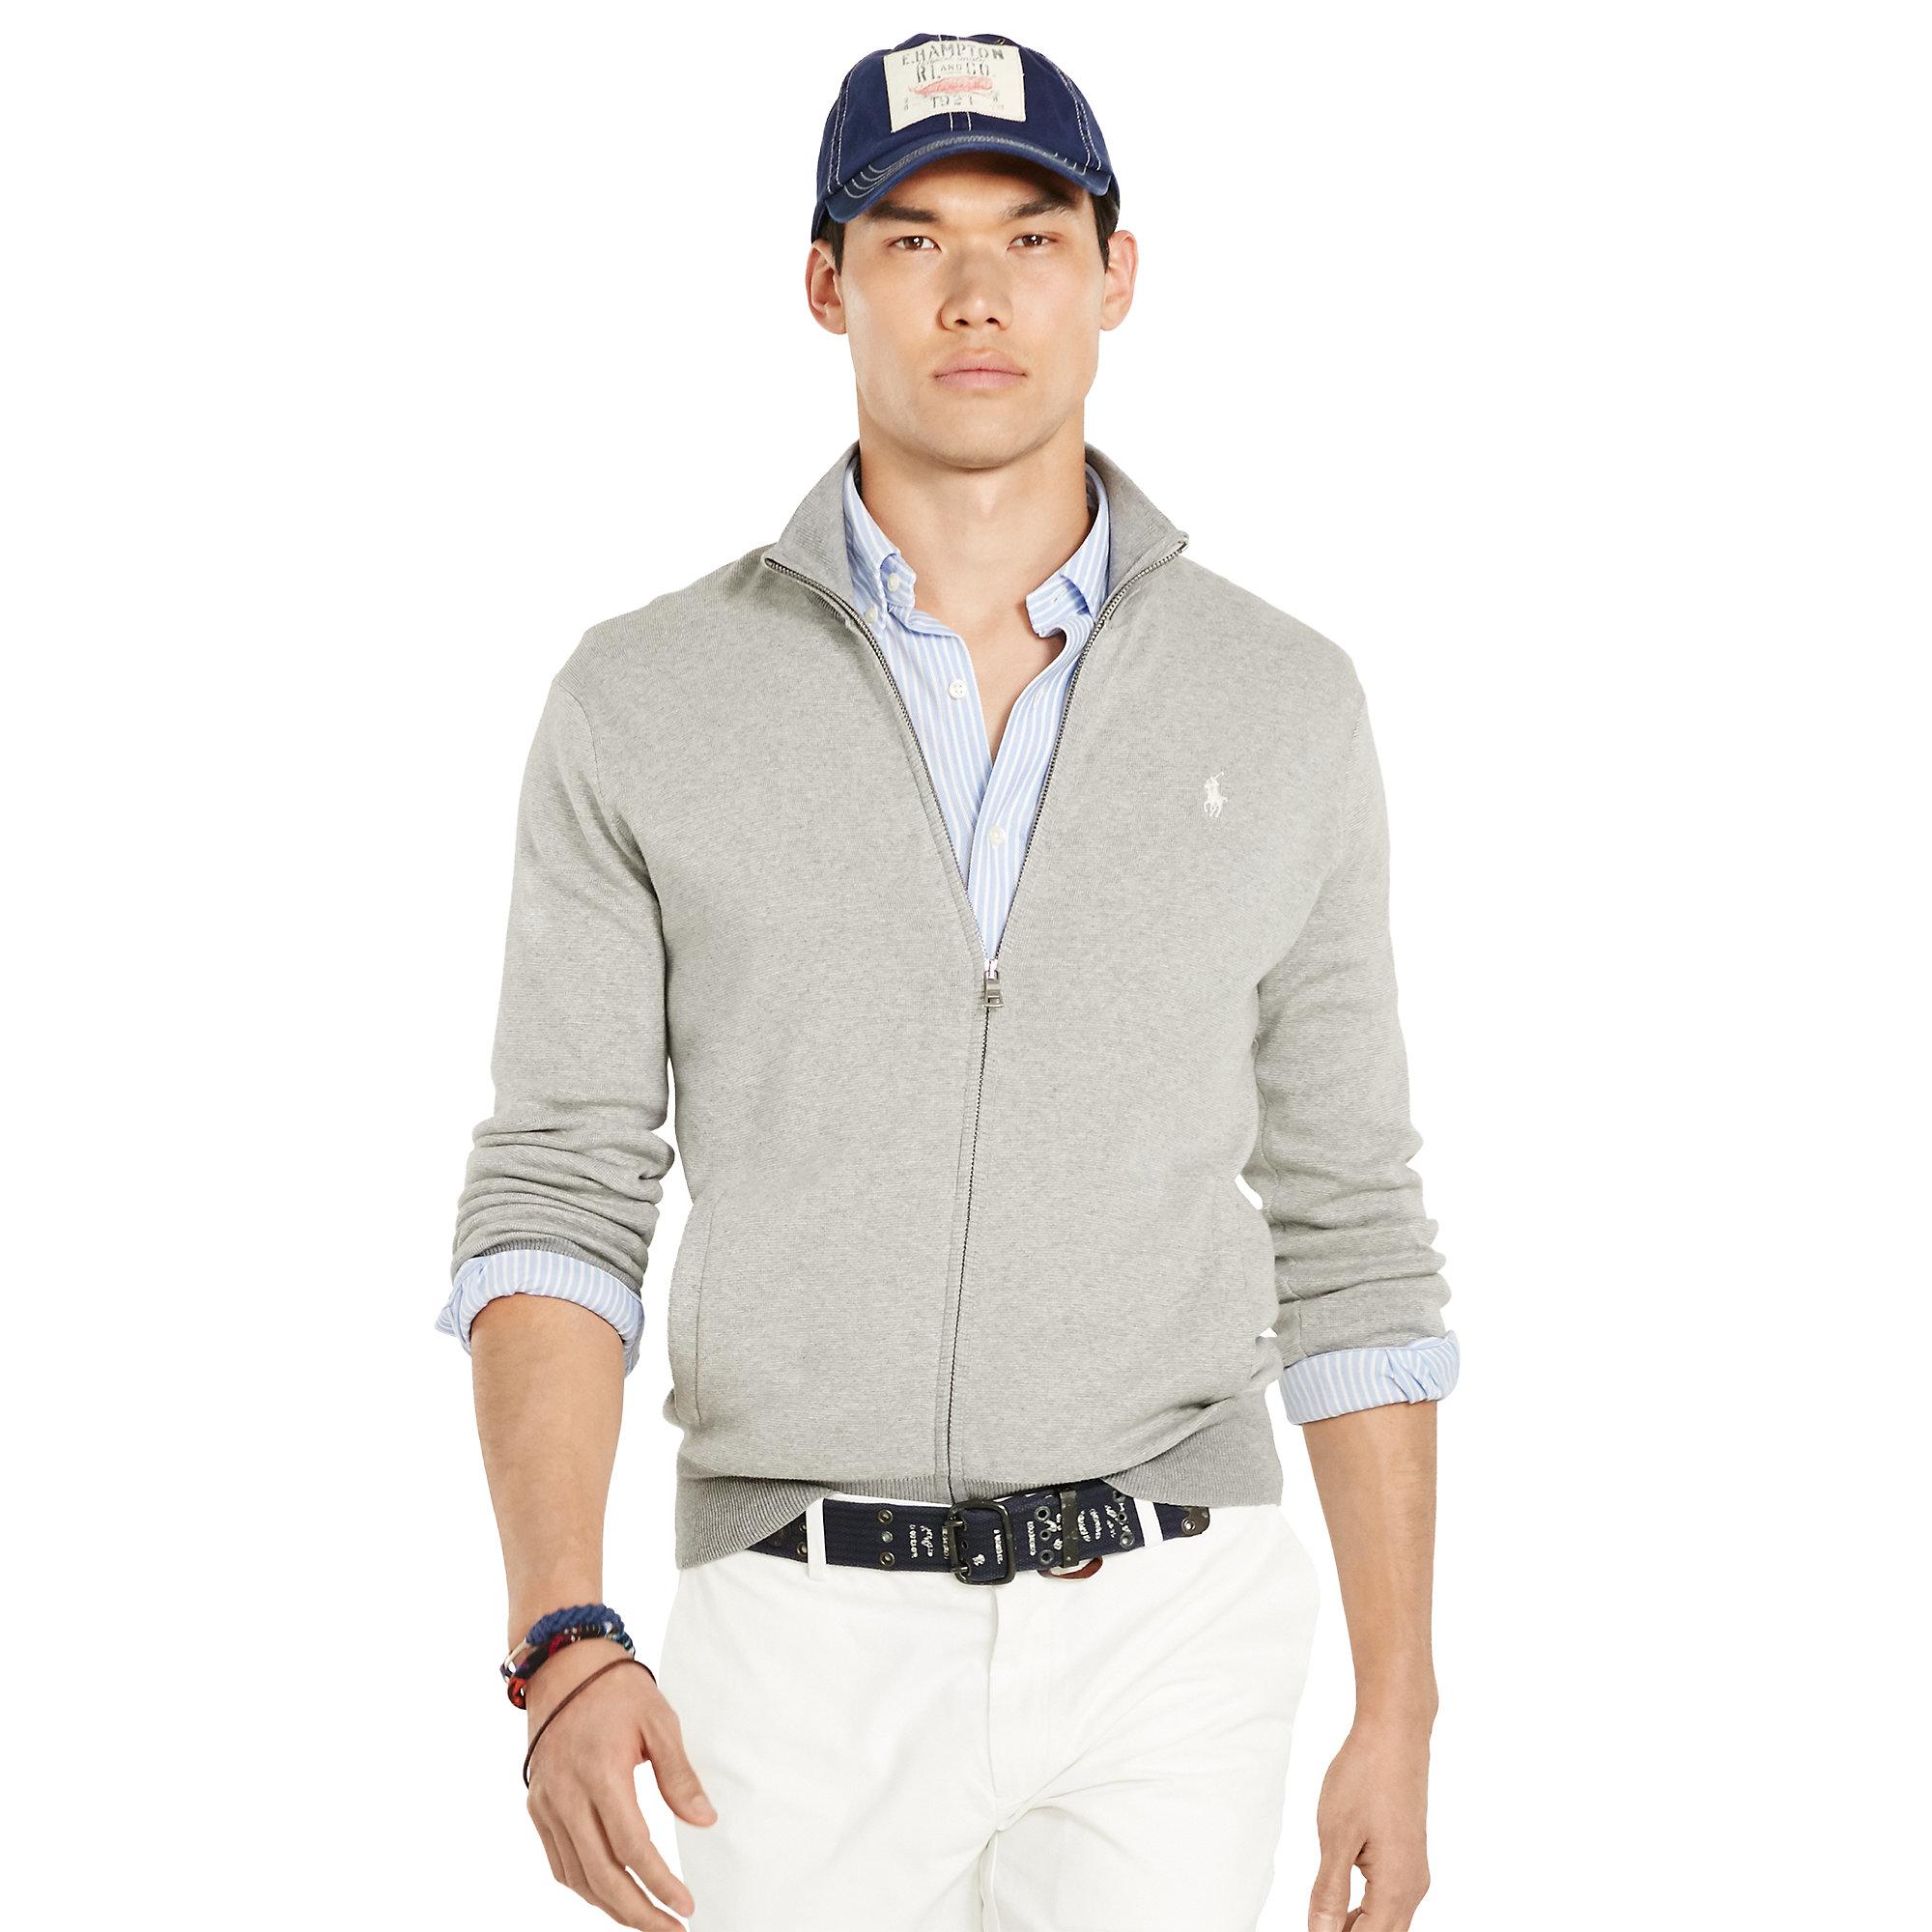 bed431c7648 Polo Ralph Lauren Pima Cotton Full-zip Sweater in Orange for Men - Lyst